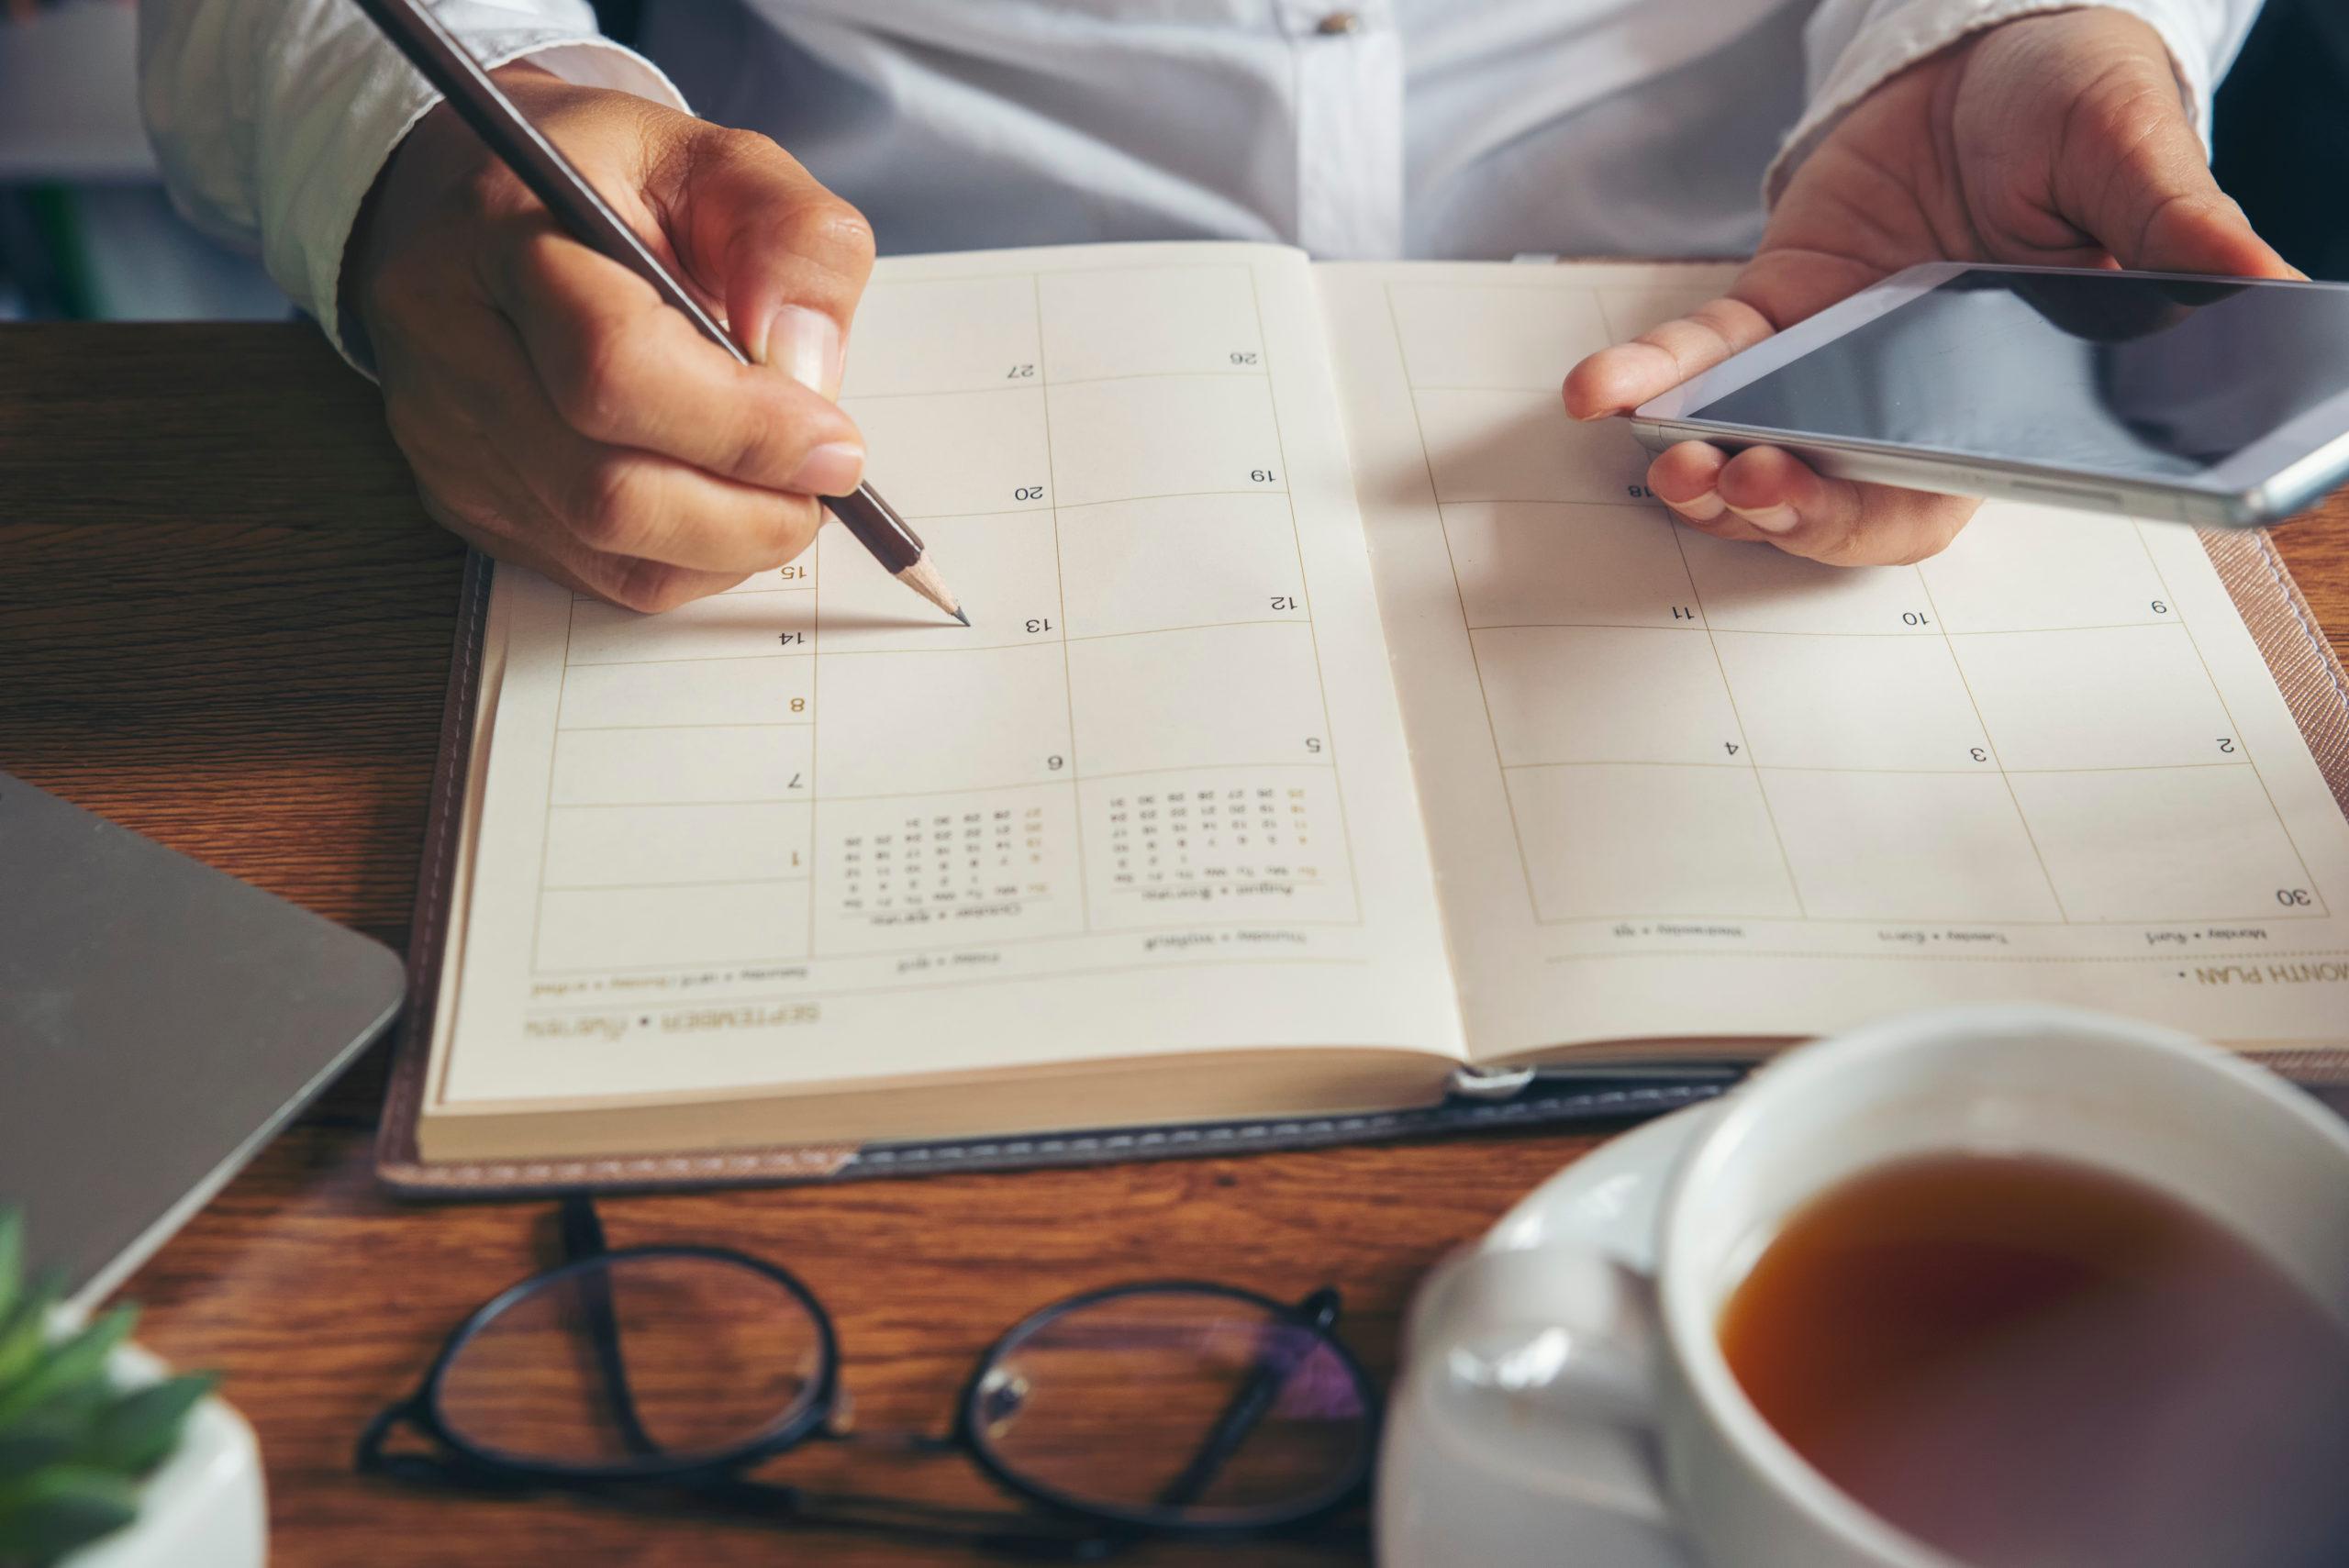 planner-plan-schedule-calendar-reminder-agenda-1483533266